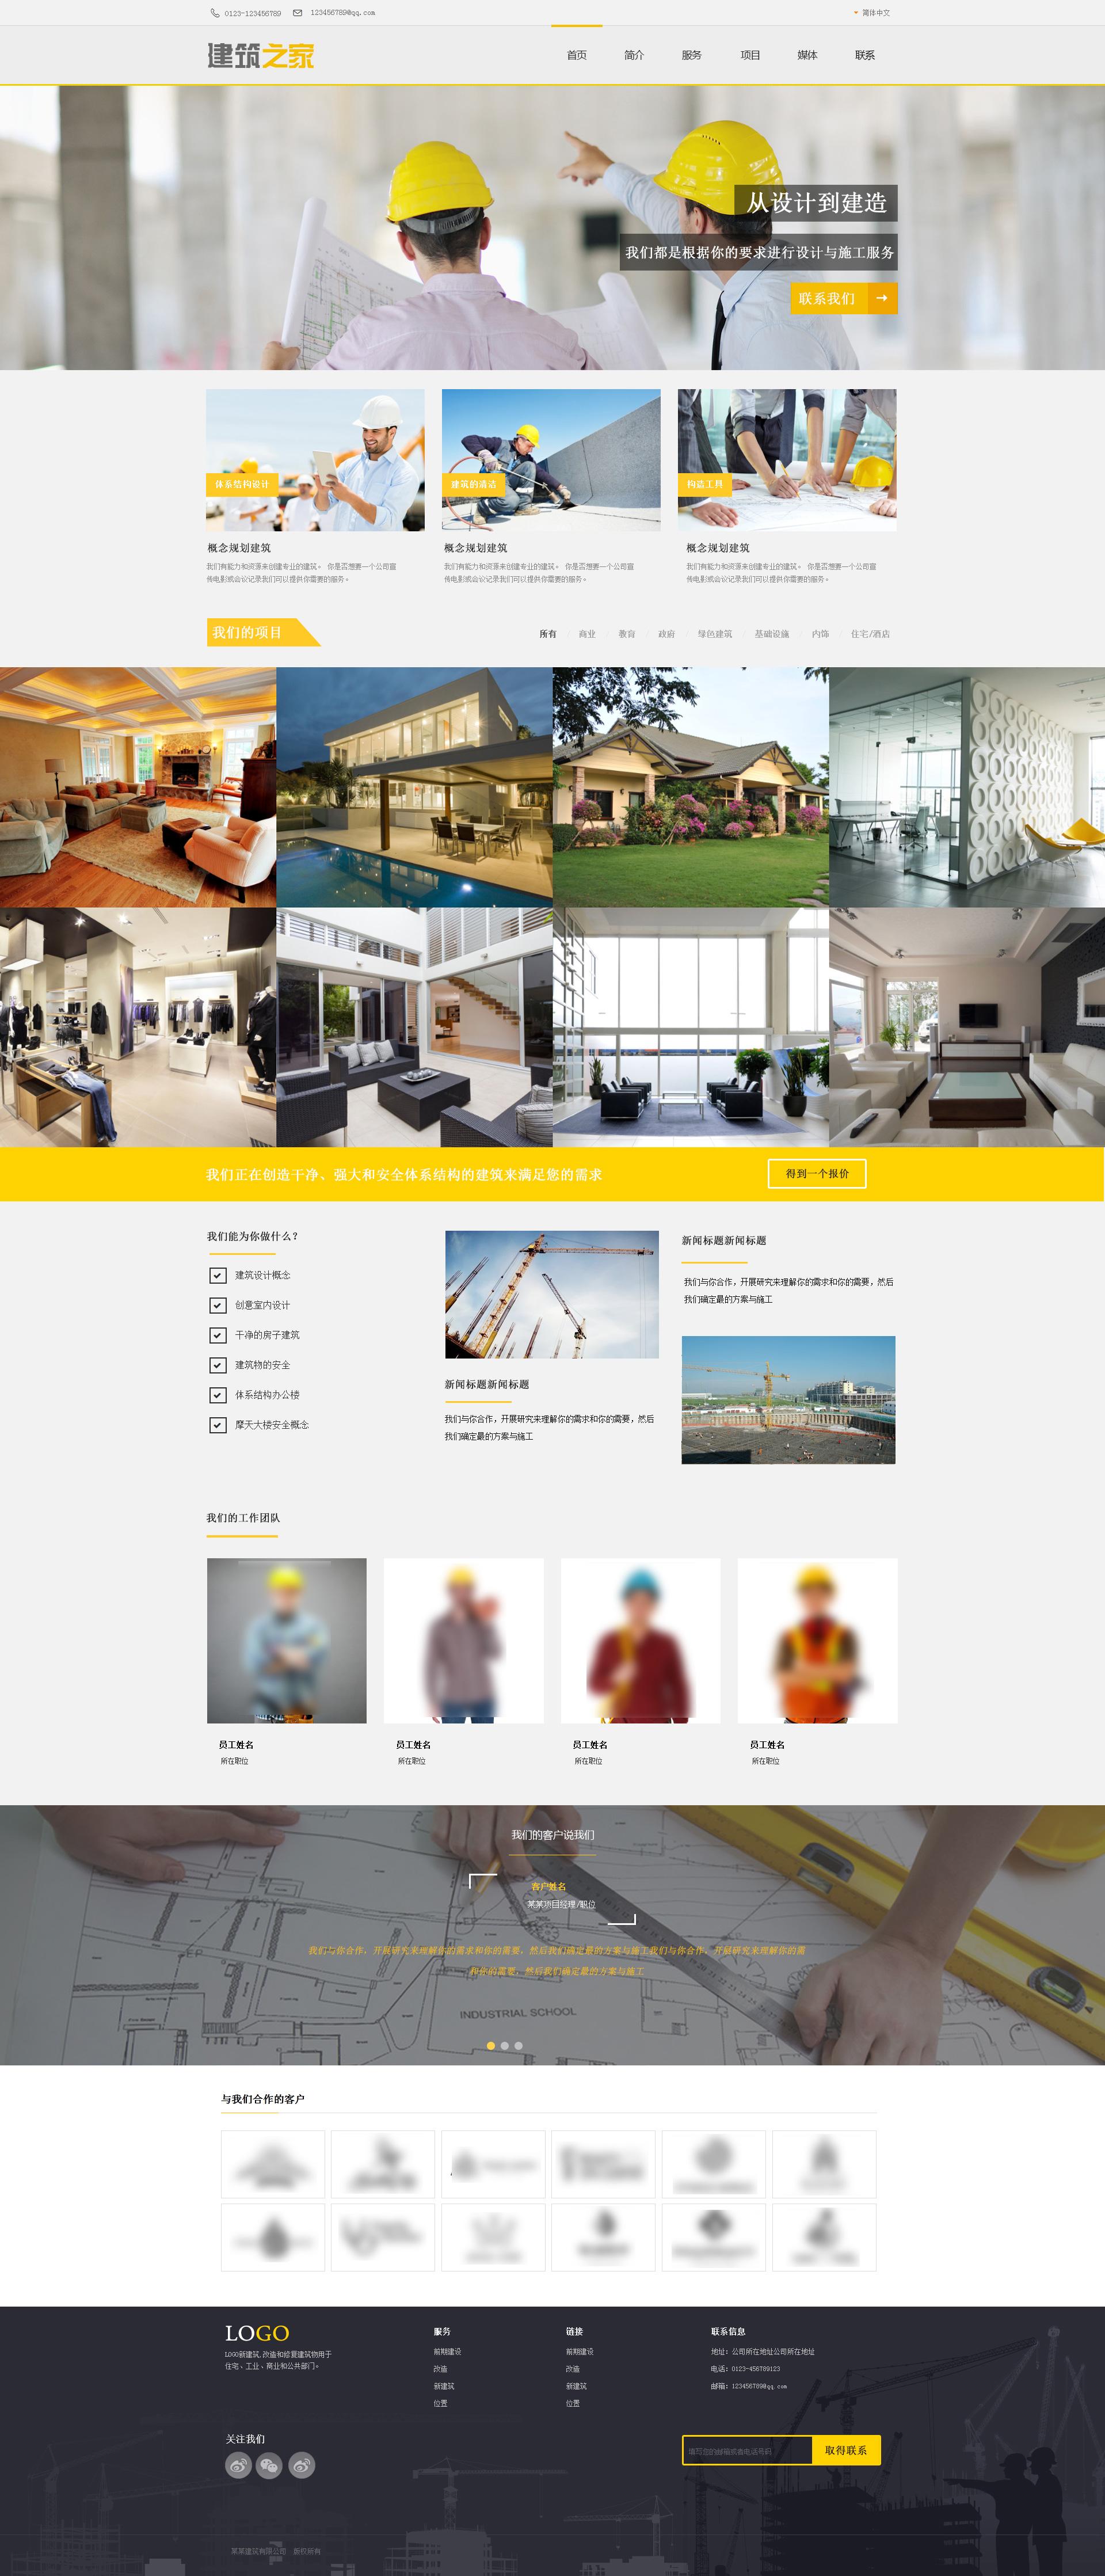 建筑公司网站 扁平化设计的网站风格